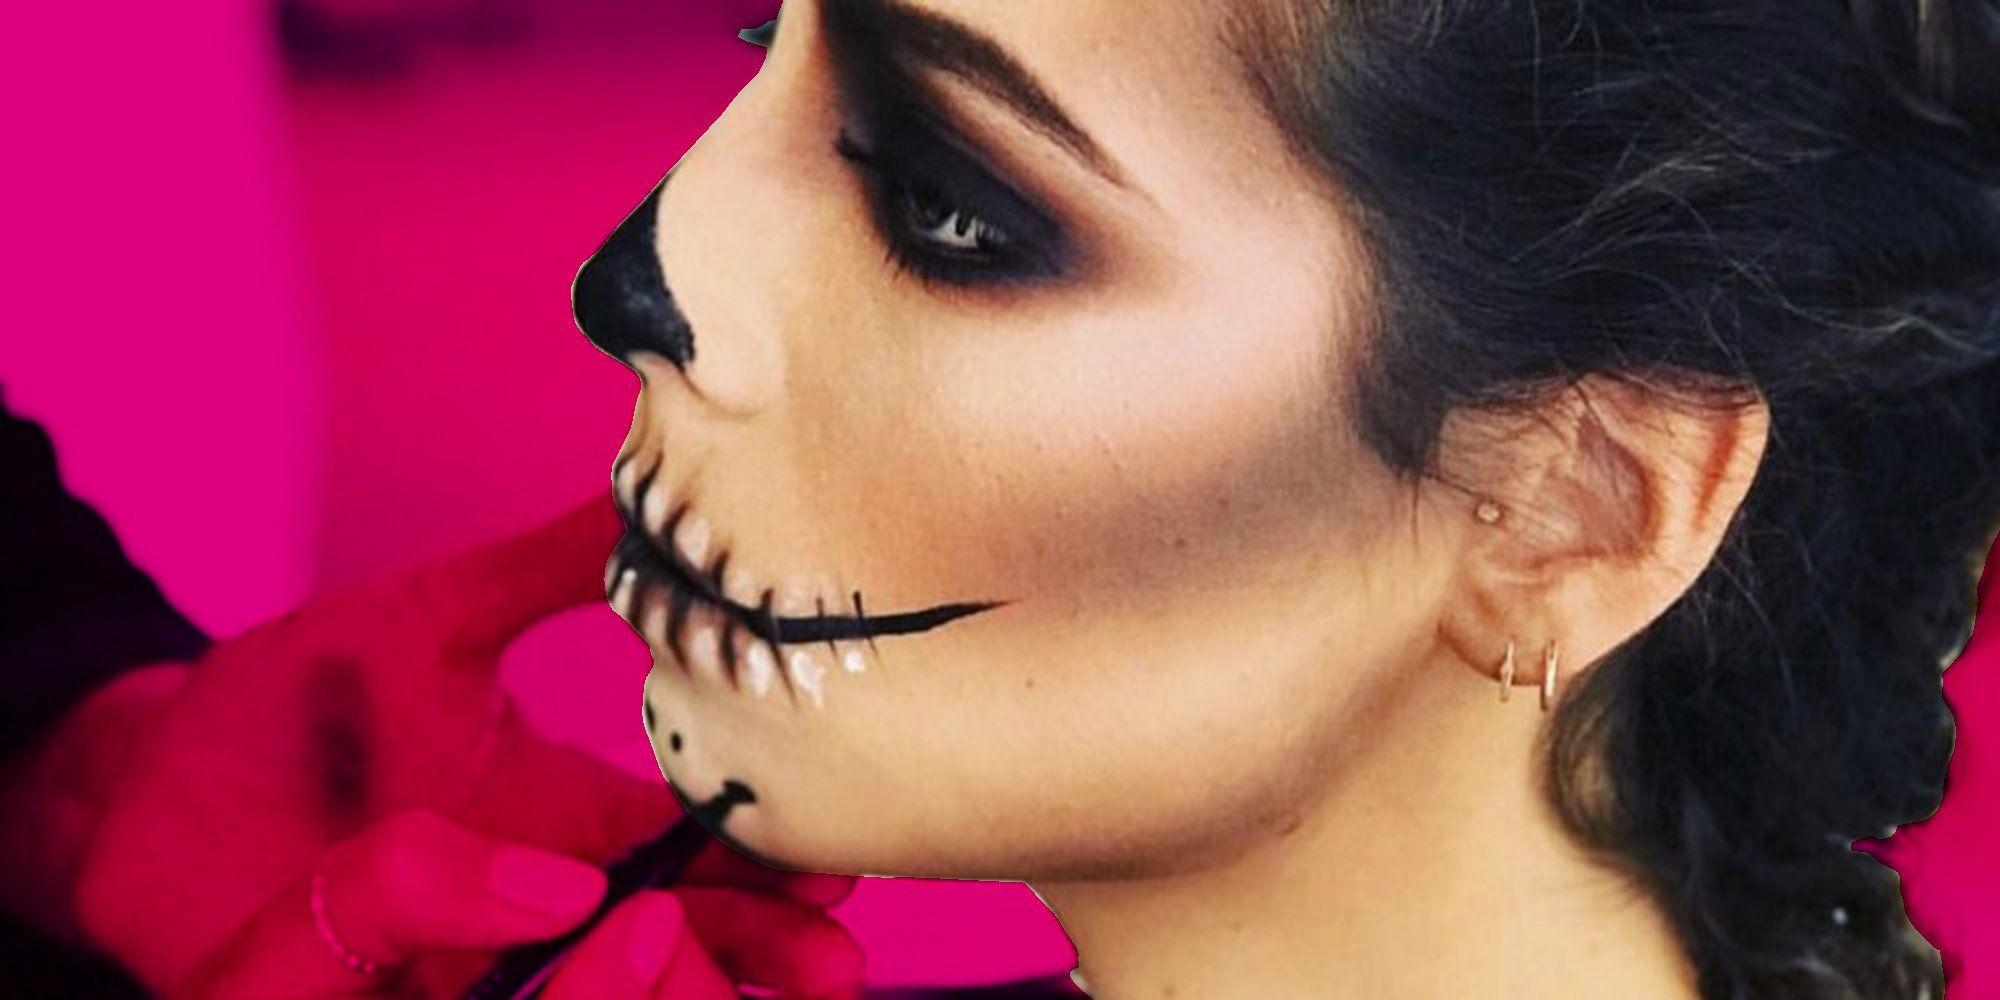 Maquillage Homme Halloween 16 idées pour réussir une